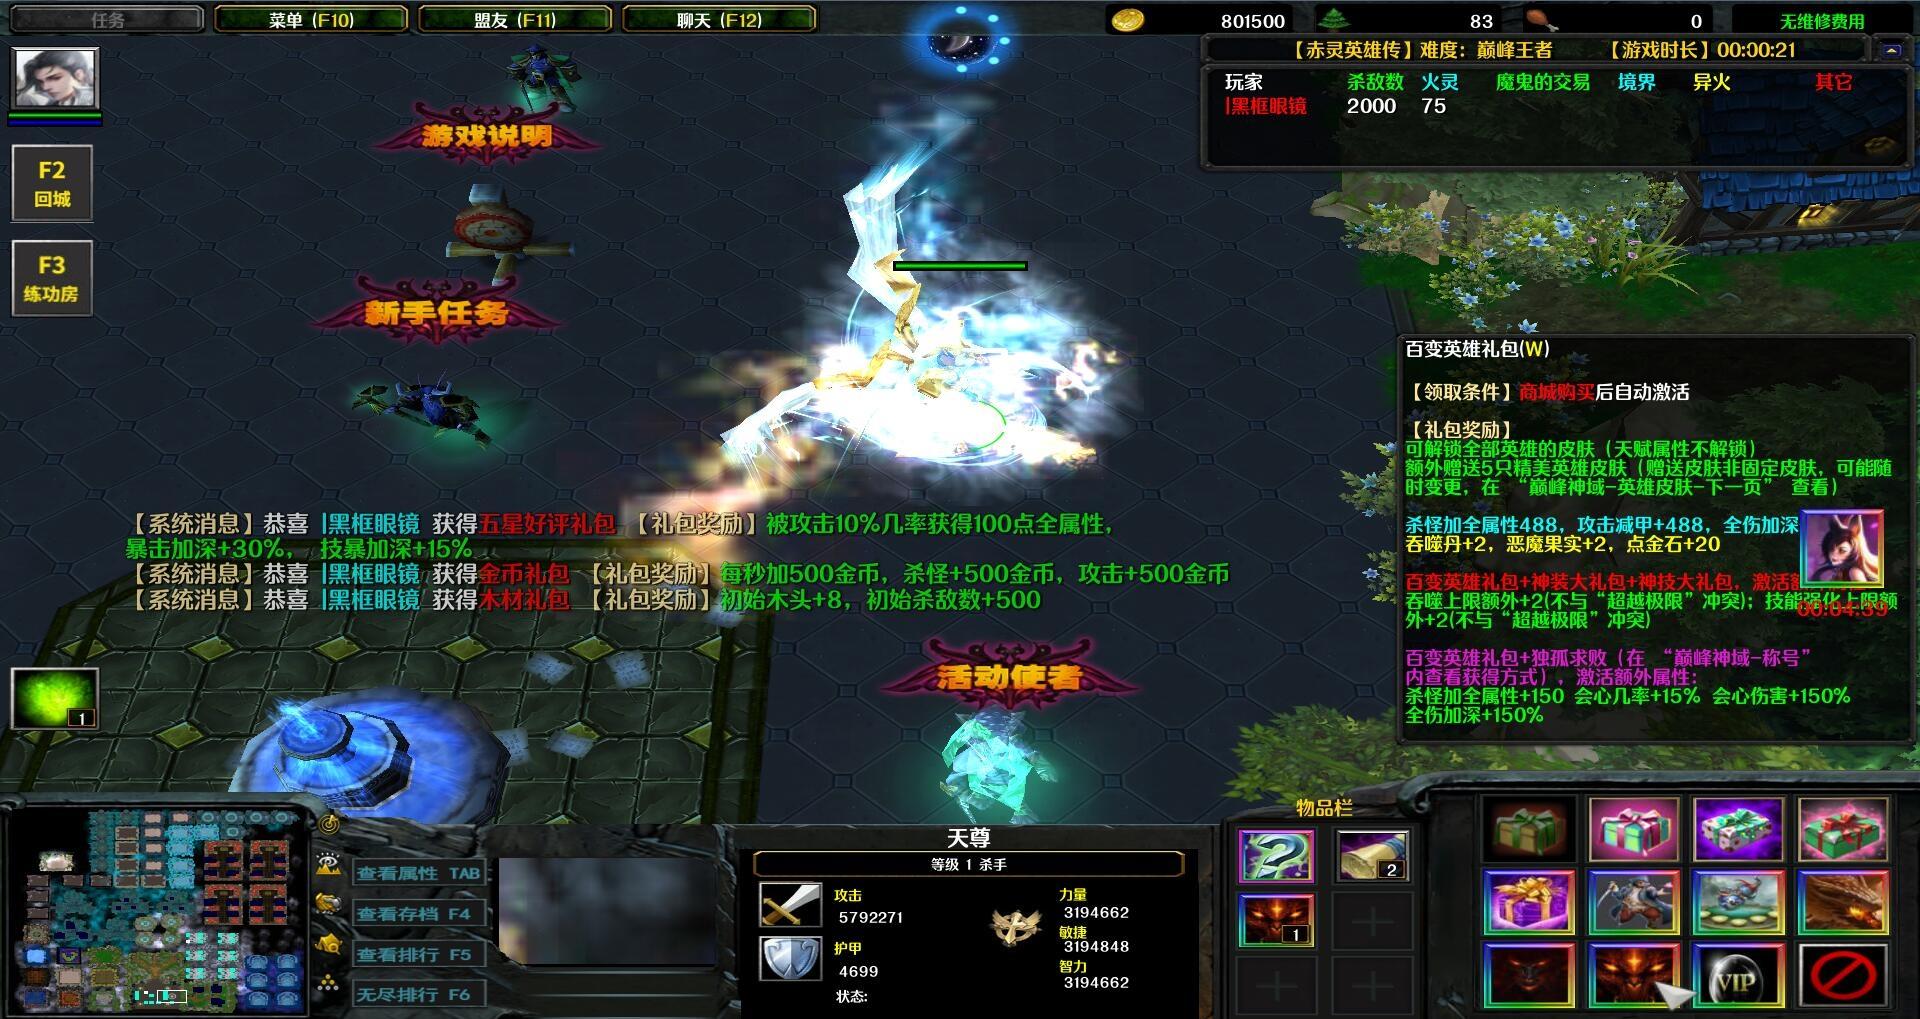 赤灵英雄传V3.4.5黑式破解